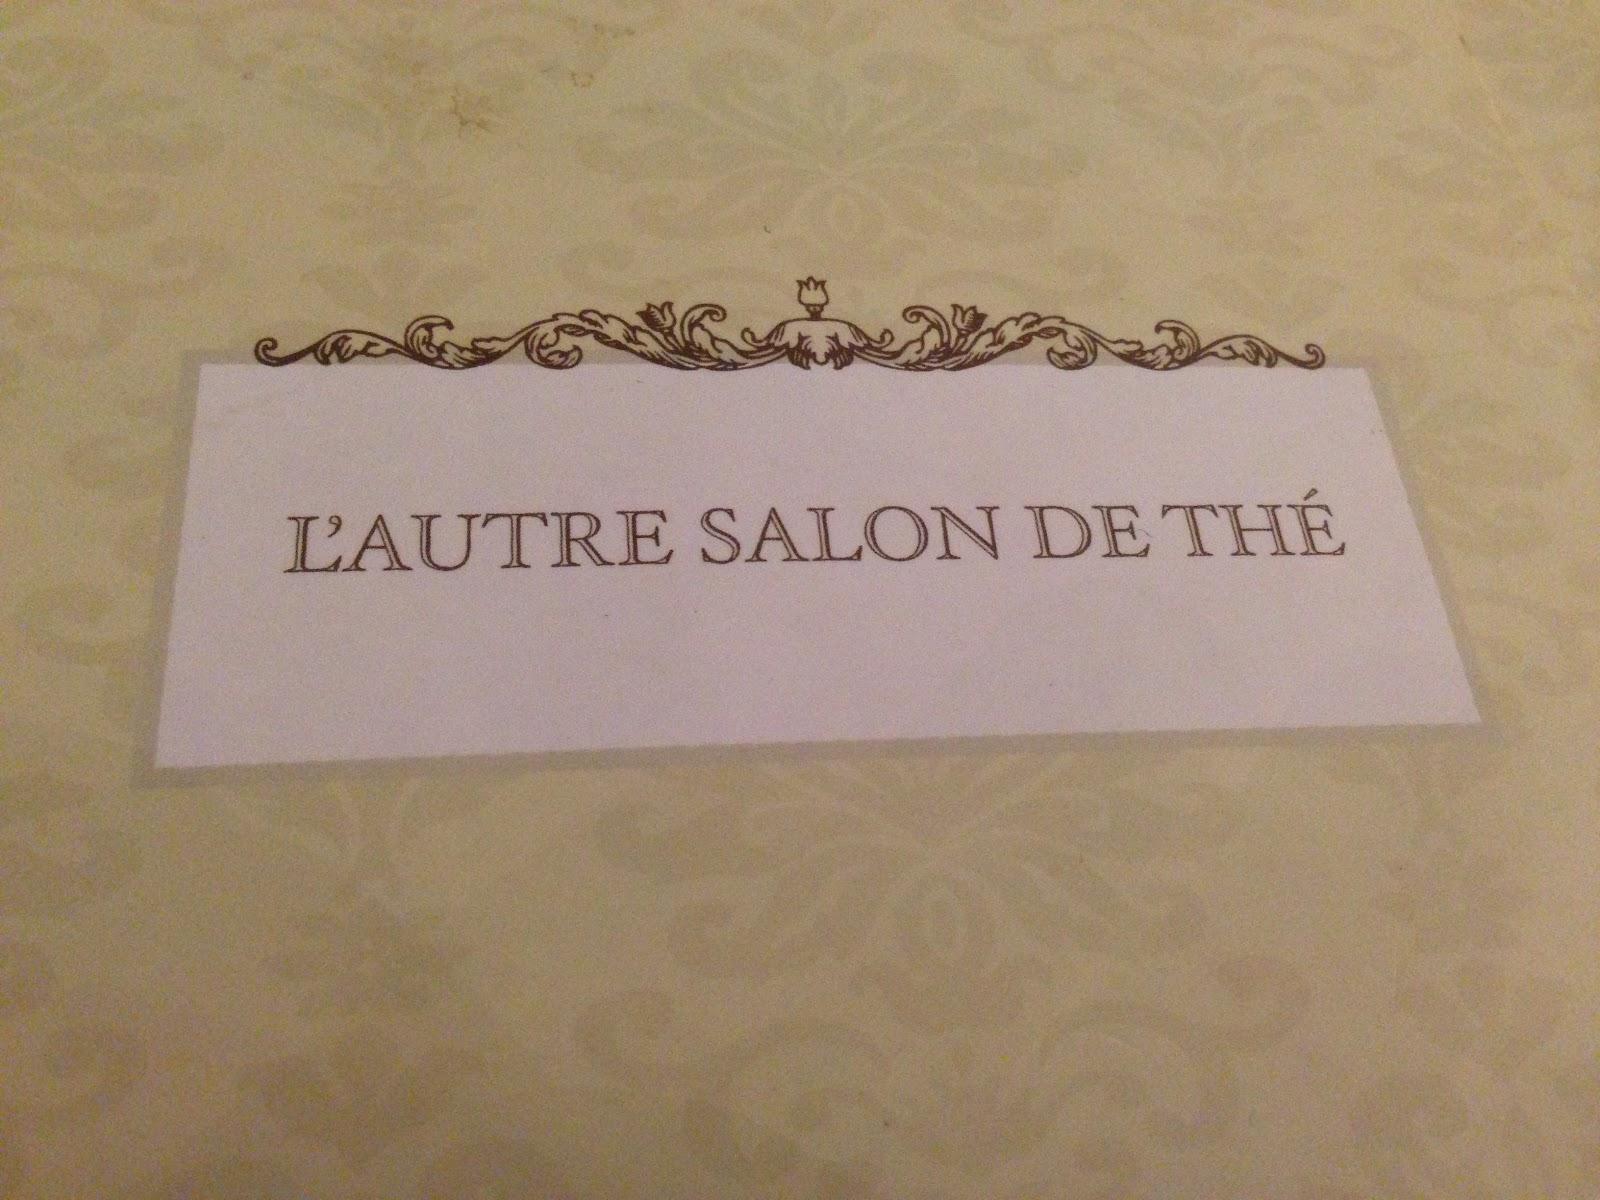 L 39 autre salon de the toulouse fun for lunch or tea for L autre salon de the bordeaux